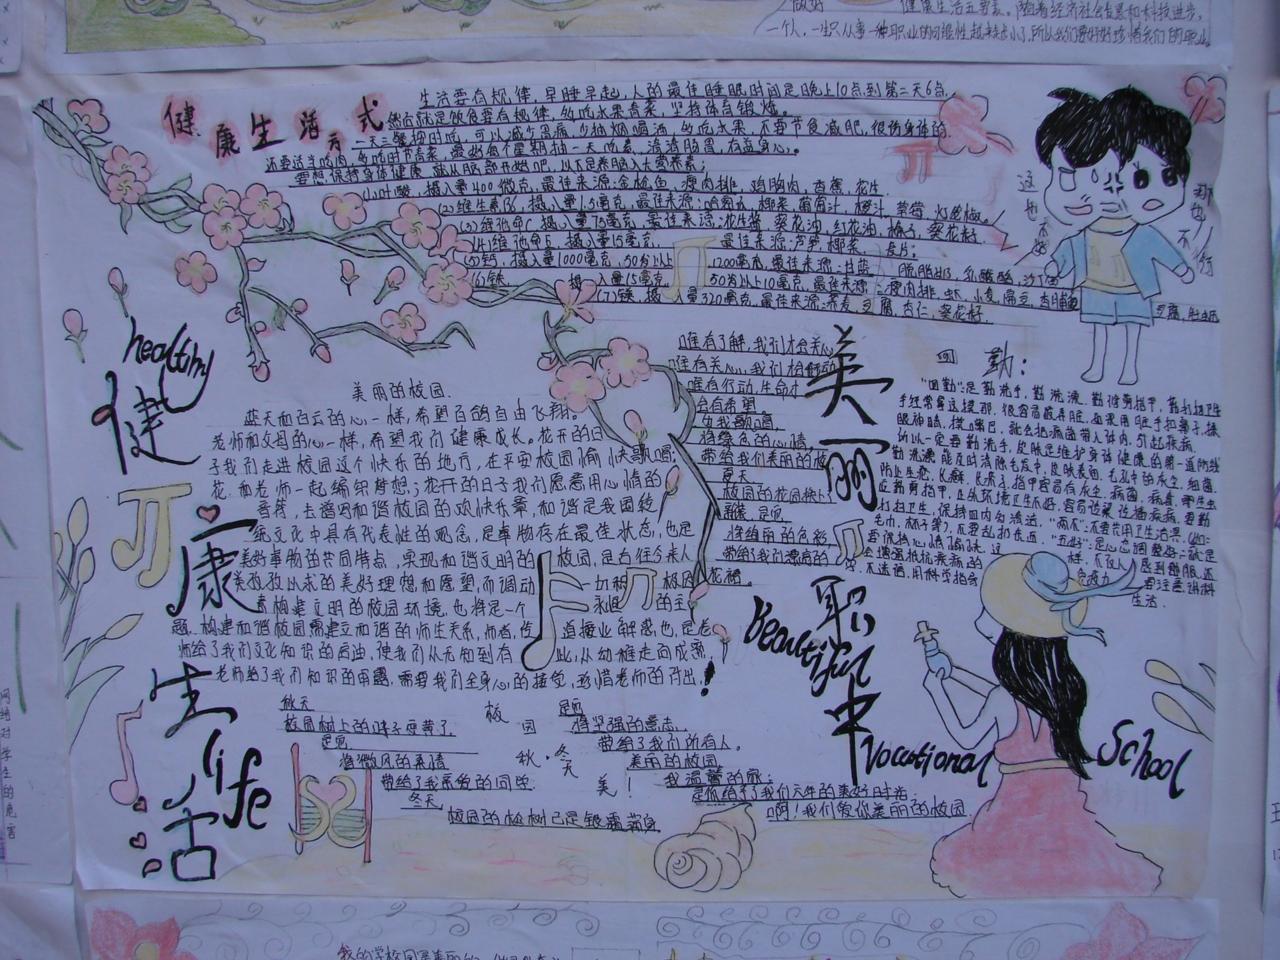 创文明校园做文明学生手抄报_文明礼仪手抄报_中国板报网, 创文明